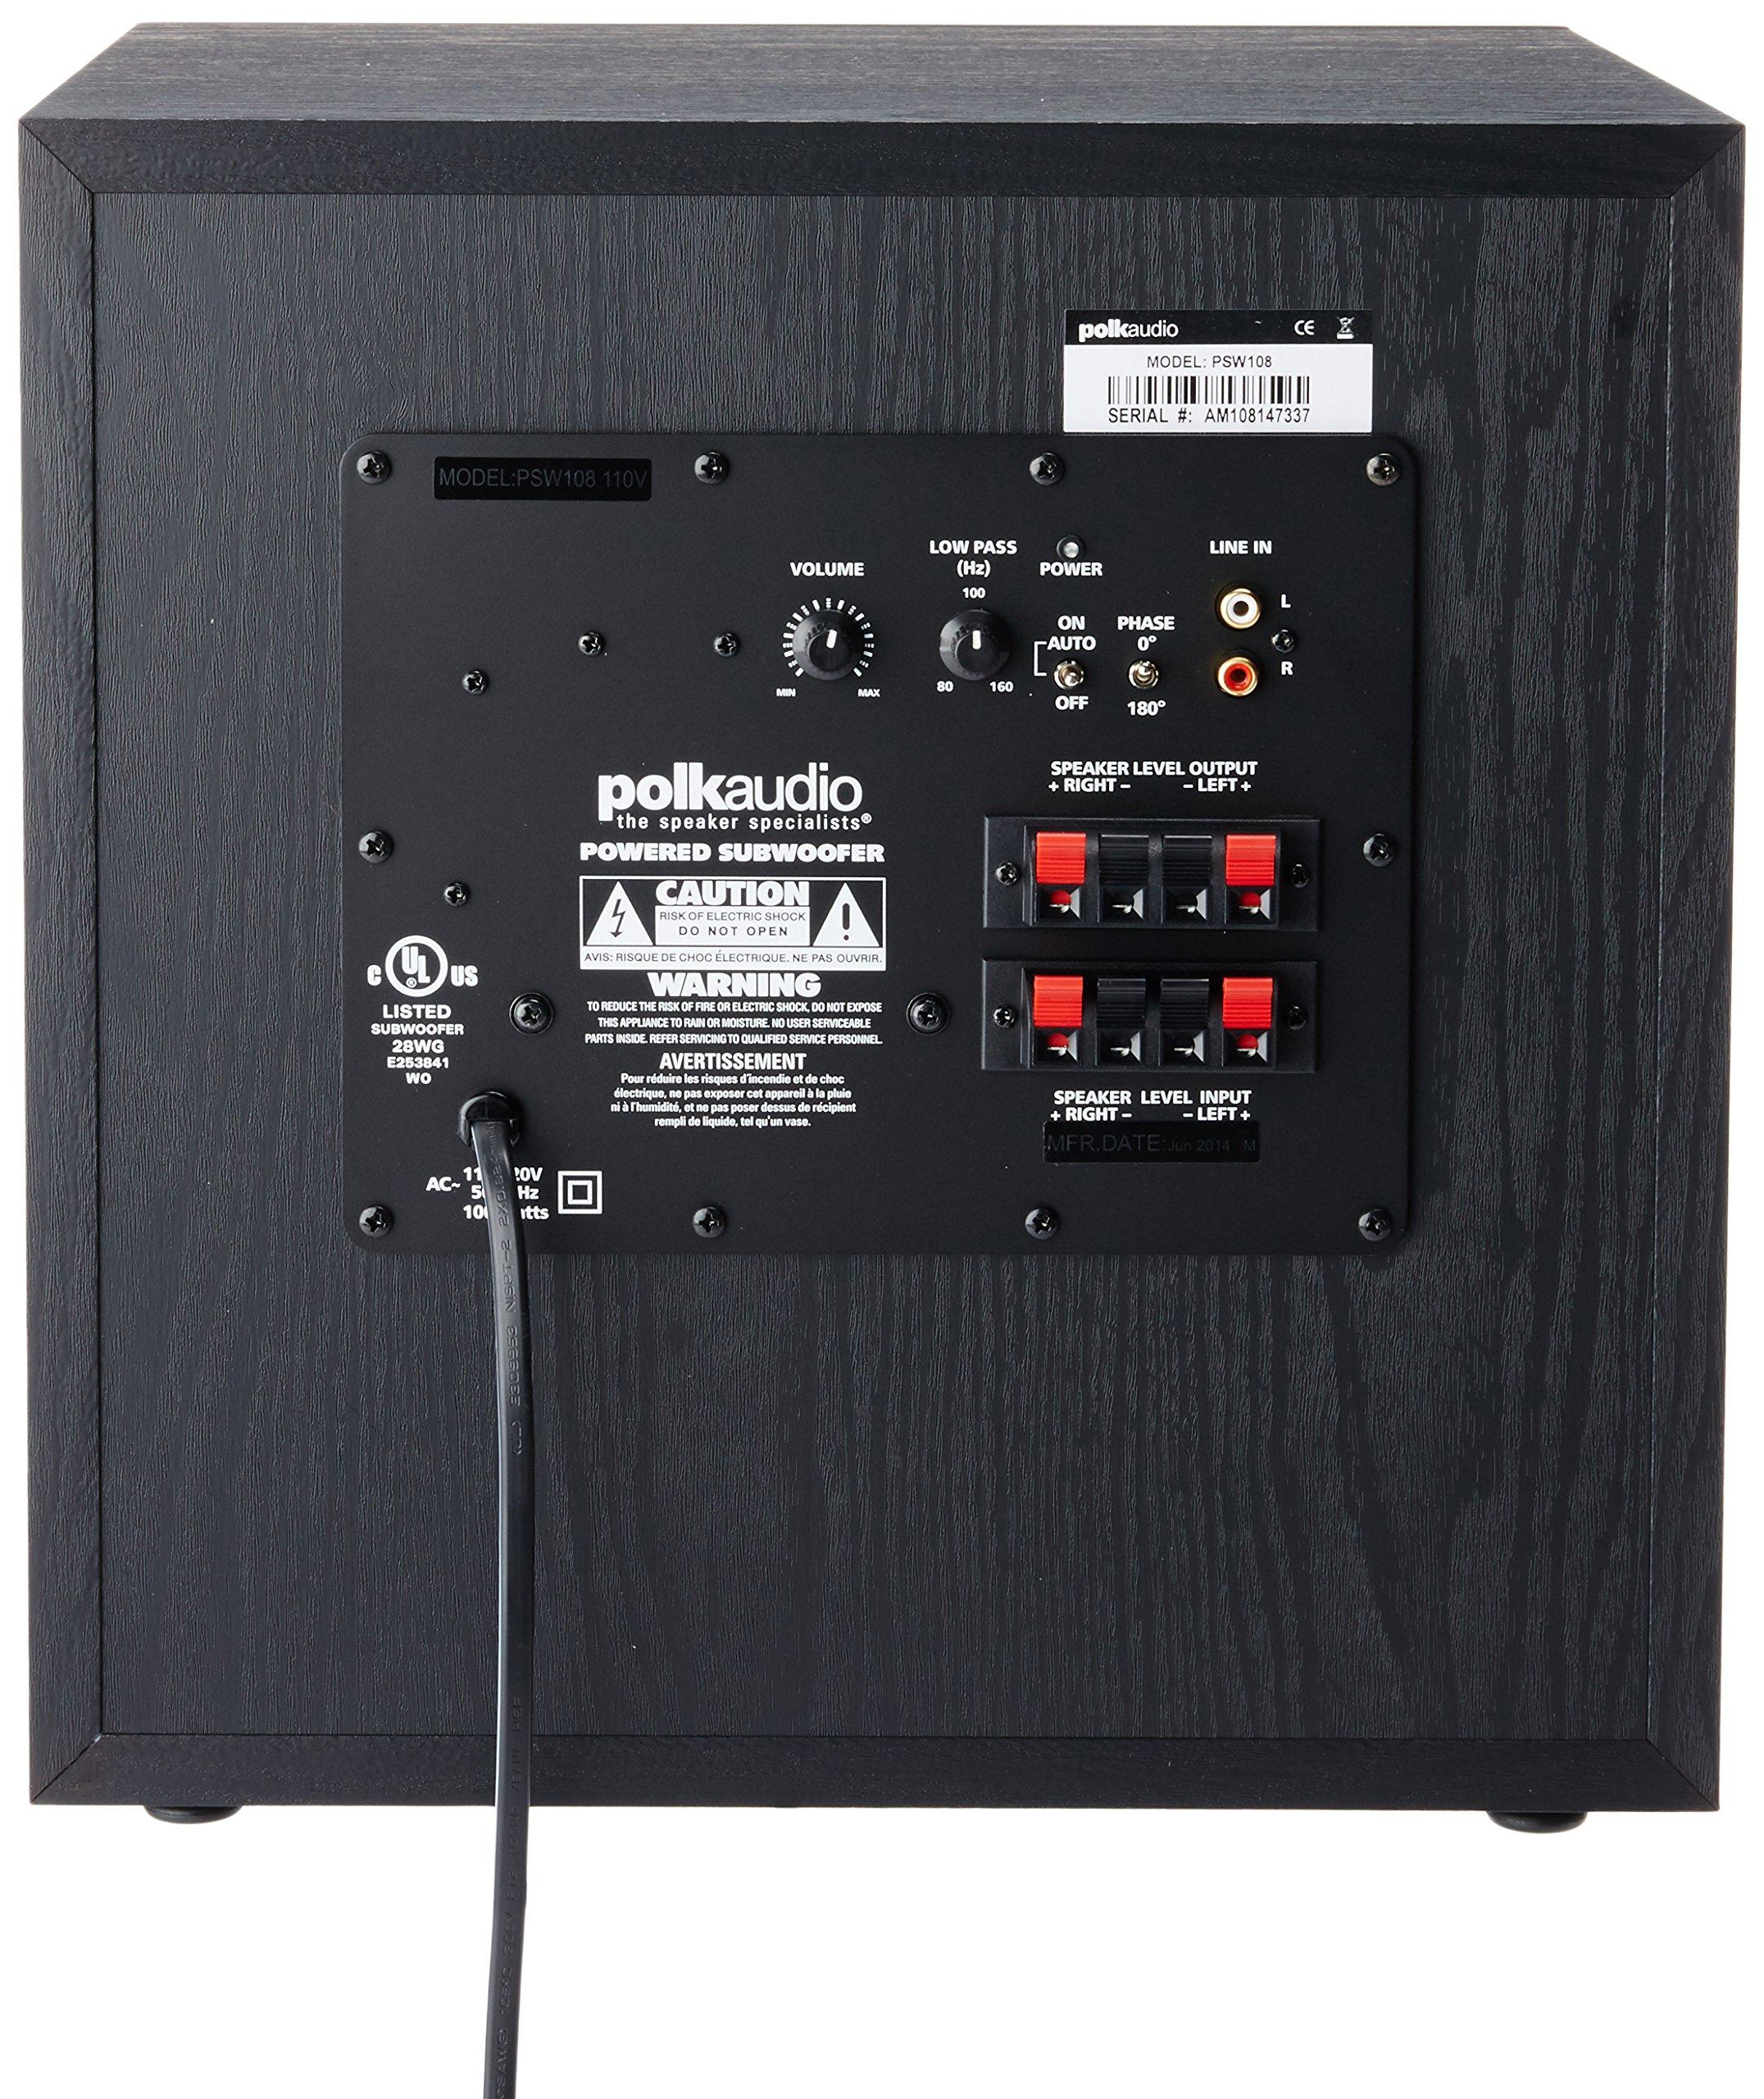 Yamaha And Polk Home Audio